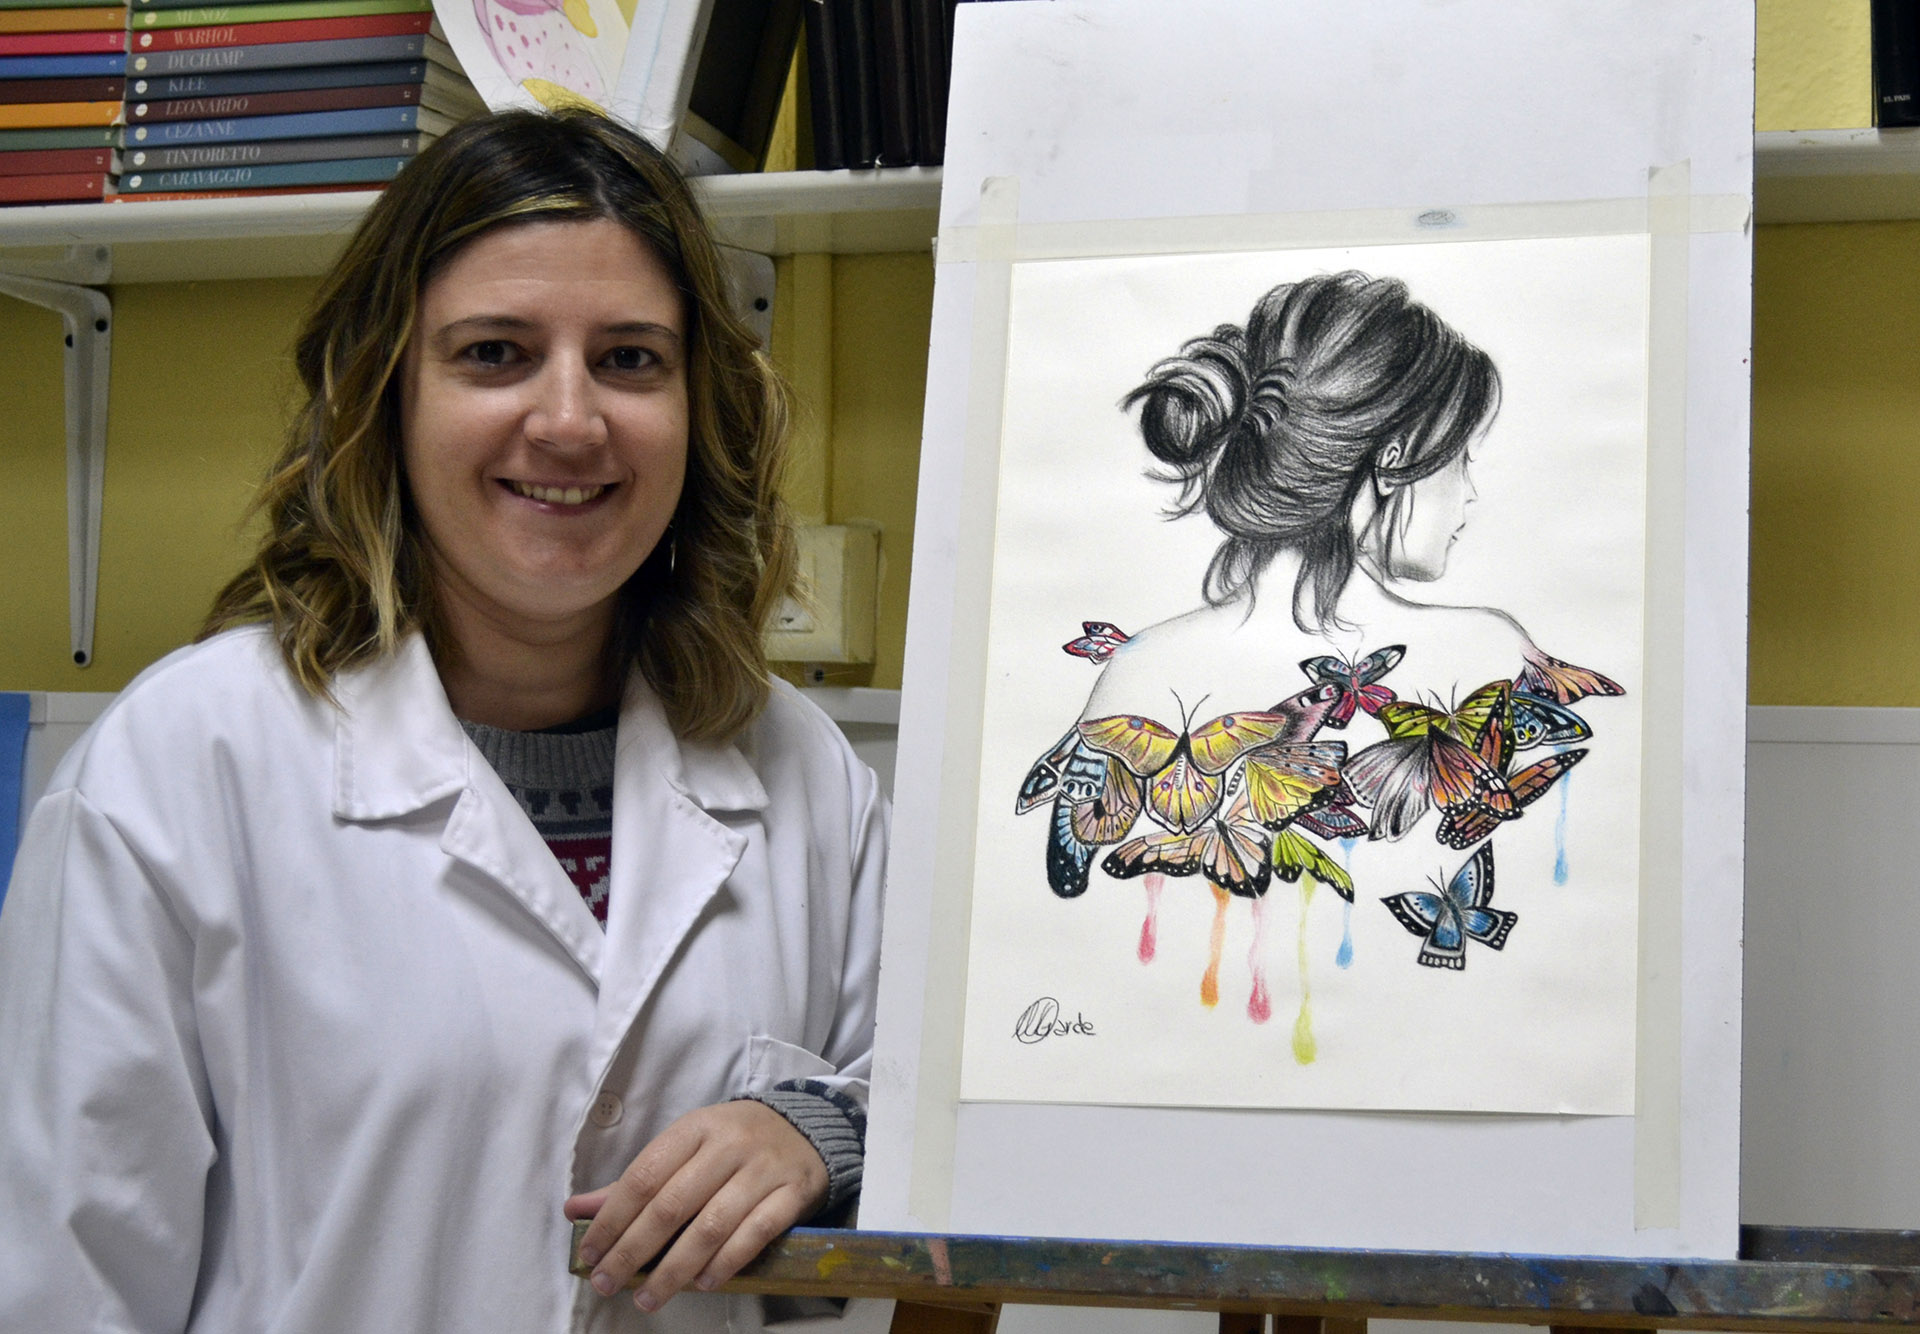 Maitane, pinturas acuarelables. Taller Aceña-Olmedo, curso 2017-2018